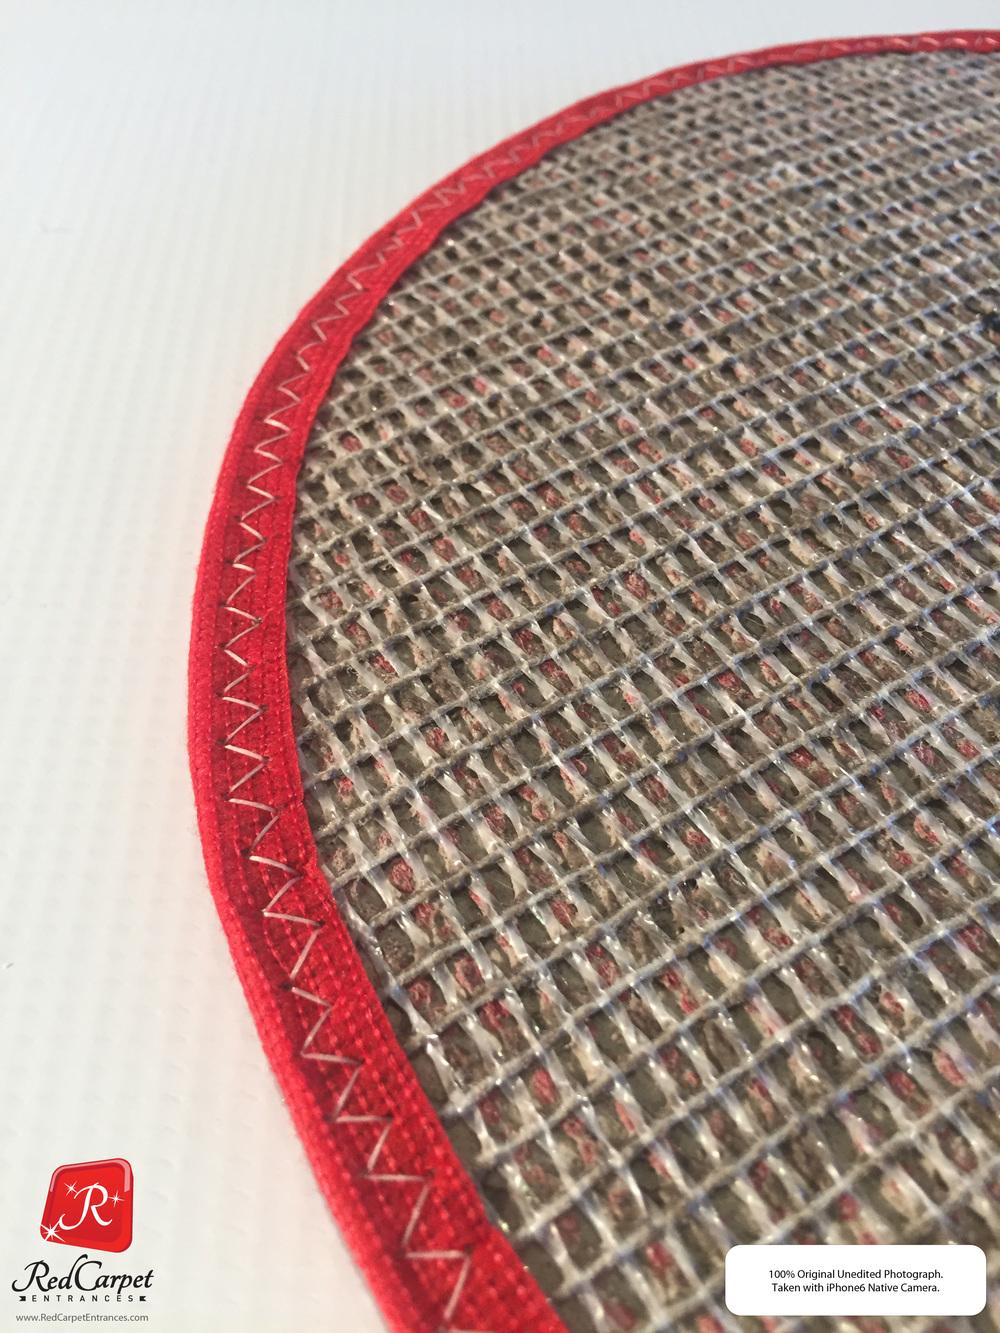 Nylon Backed Red Carpet